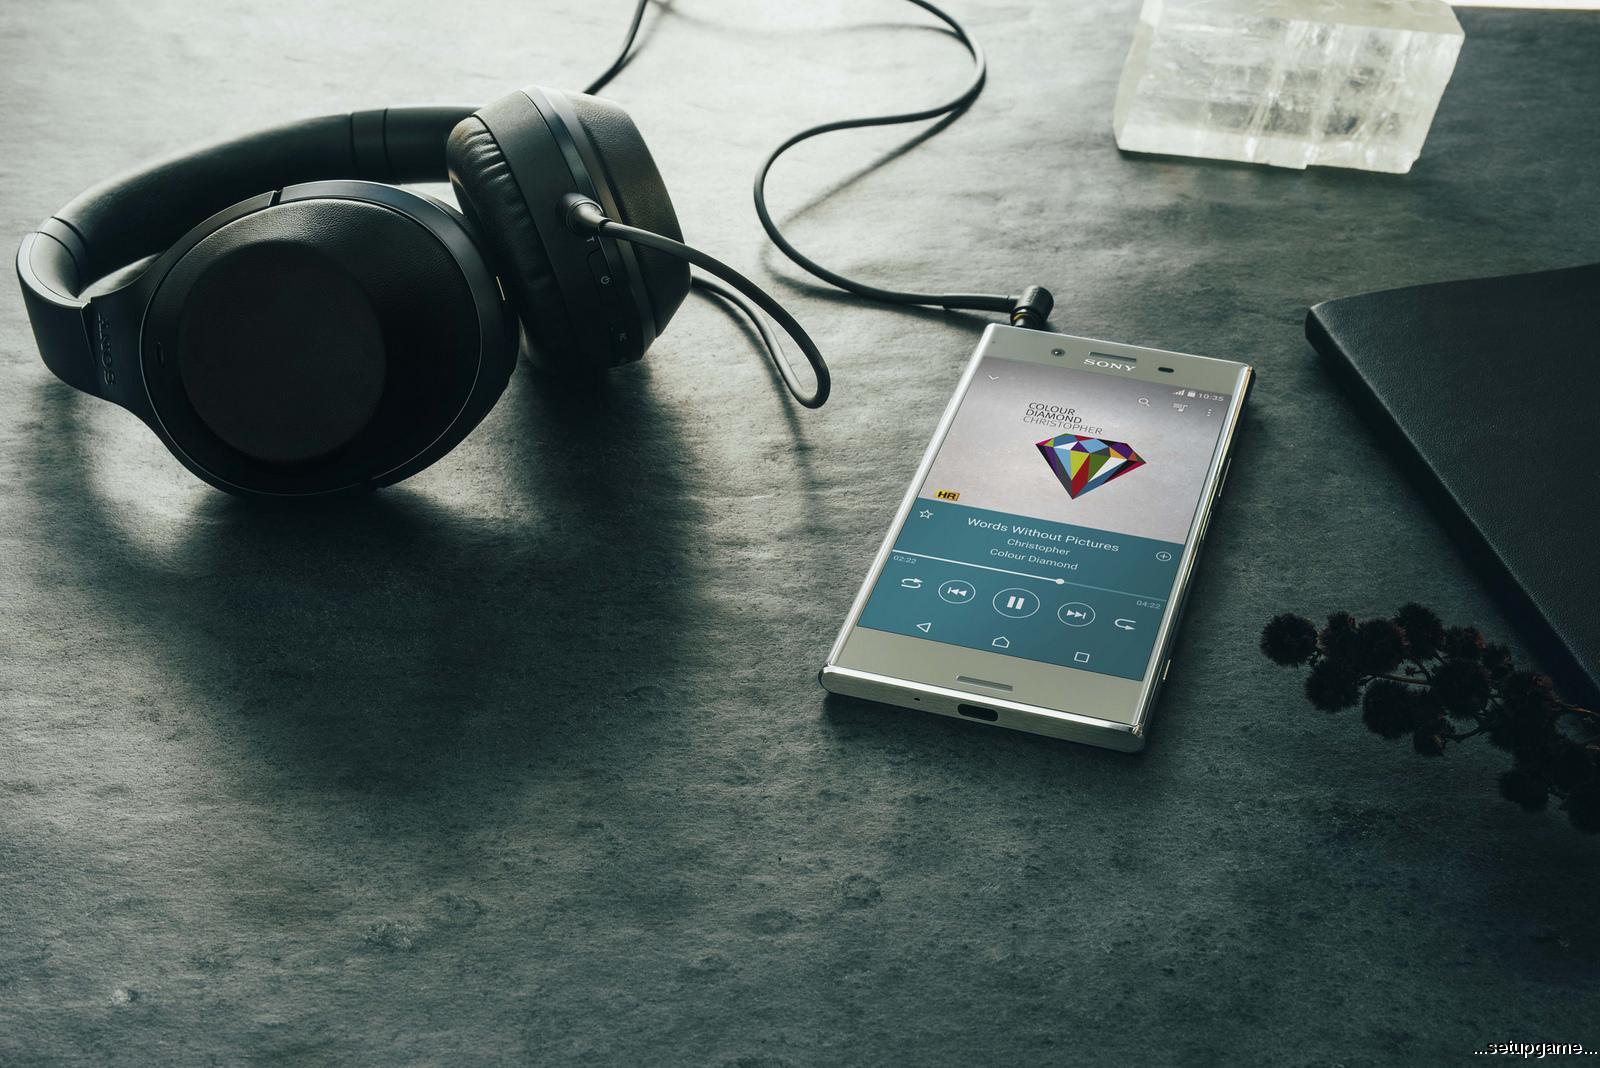 سونی در ماه آینده پرچمدار جدید Xperia XZ Pro را با صفحهنمایش 4K OLED و سختافزاری قدرتمند معرفی میکند